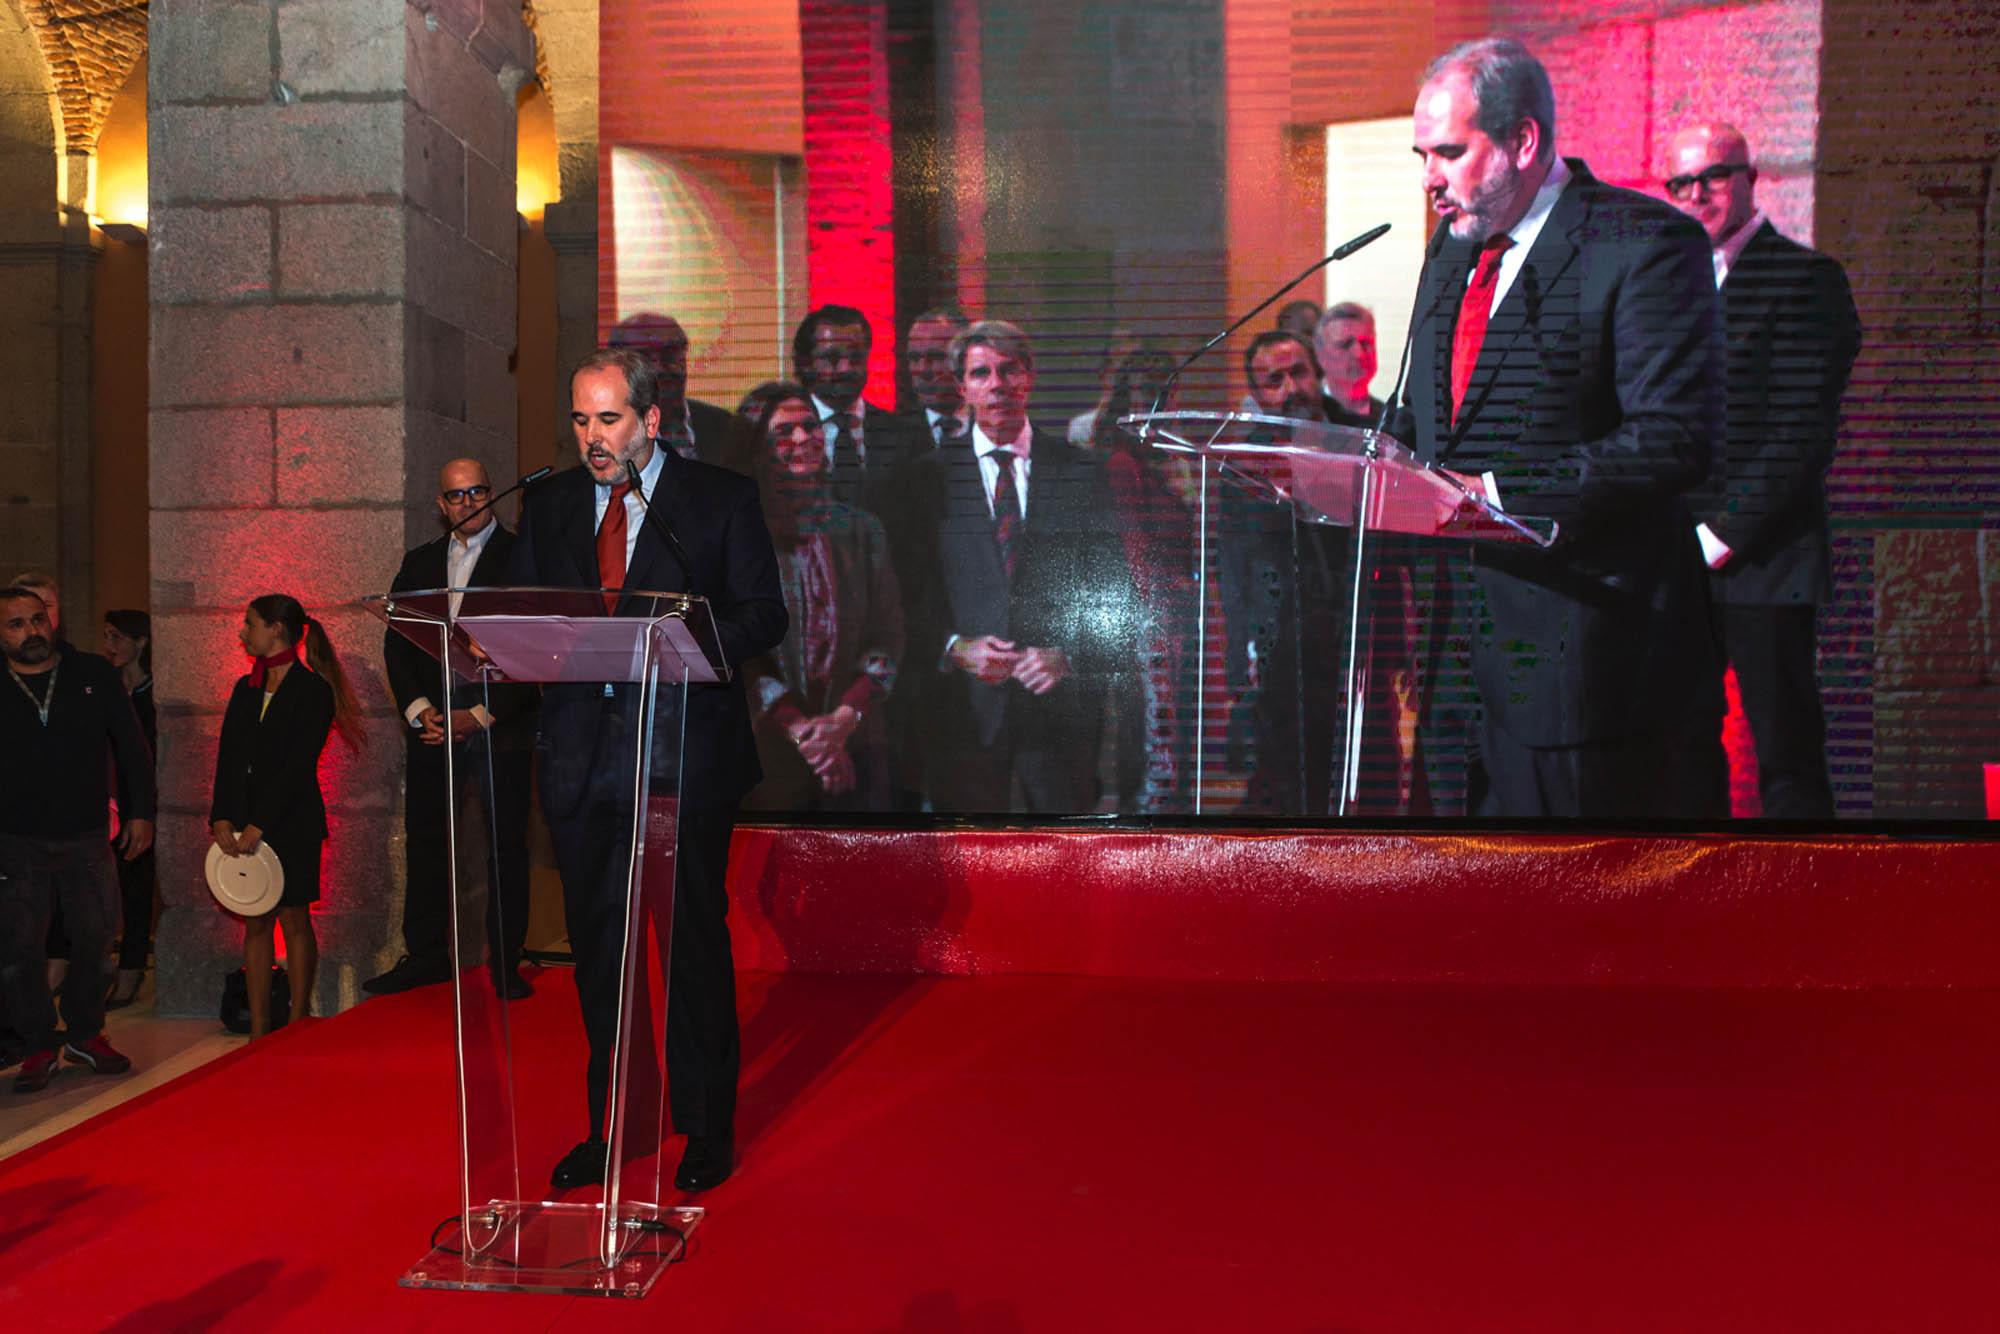 """El presidente de la Academia Madrileña de Gastronomía, Luis Suárez de Lezo, dice que han querido premiar """"la calidad y diversidad de la gastronomía de la región""""."""